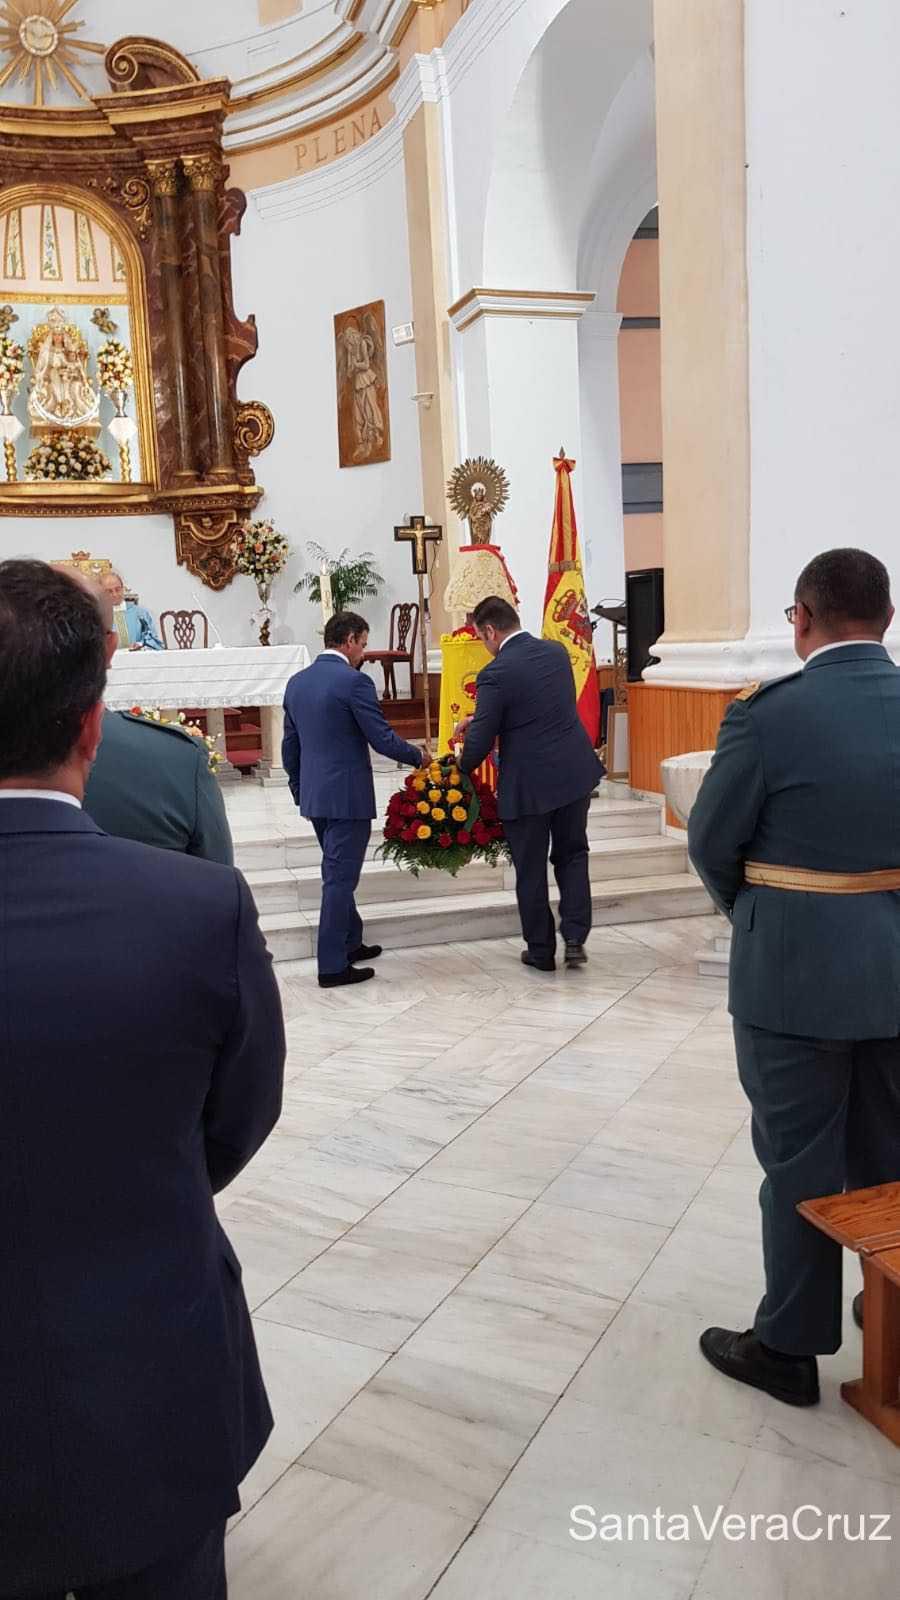 Festividad de la Virgen del Pilar en Alhaurín el Grande